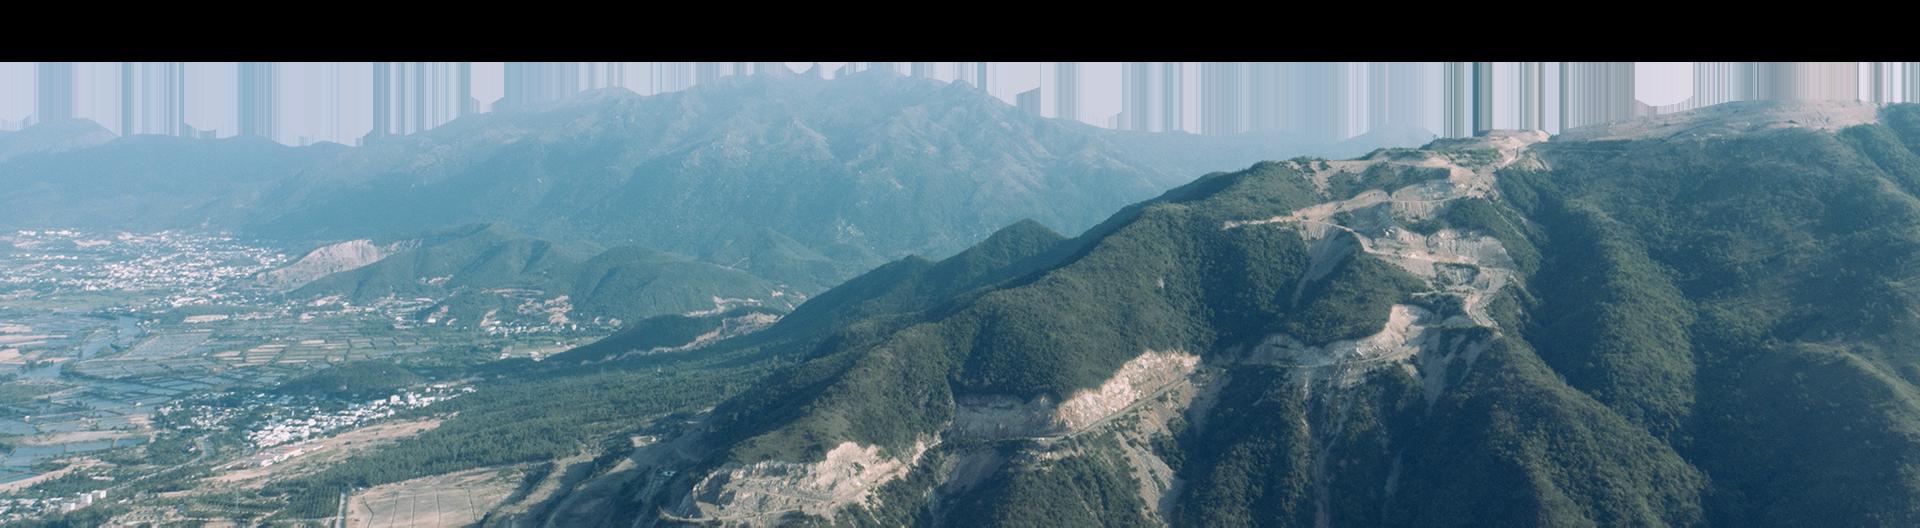 4. Dự án sinh thái Cửu Long Sơn Tự - Ảnh 5.